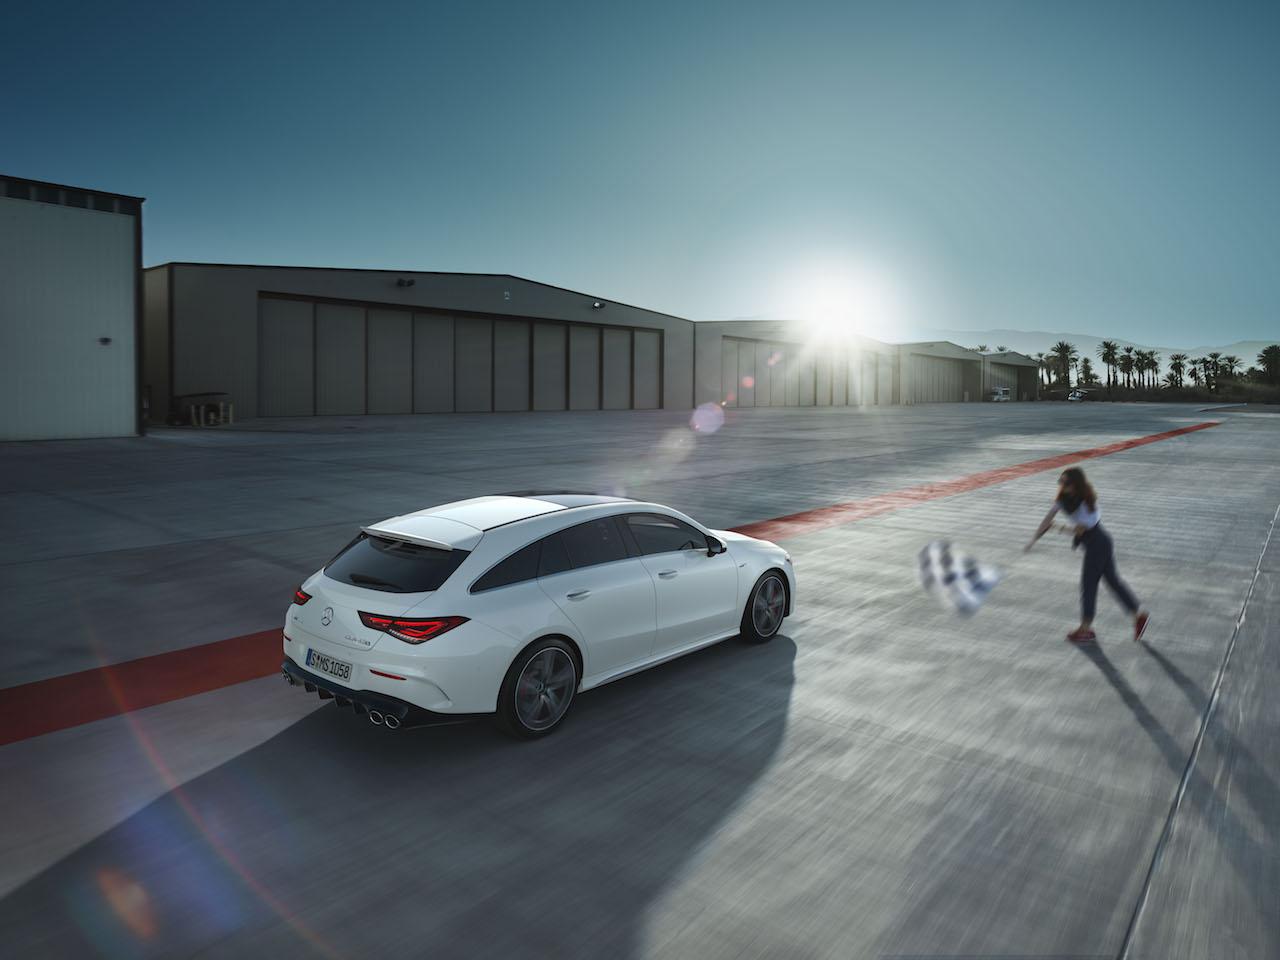 「2.0Lエンジンで世界最高の421PSを誇る、メルセデス・ベンツAMG CLA 45 S 4MATIC+/CLA 45 S 4MATIC+シューティングブレークが発売【新車】」の4枚目の画像